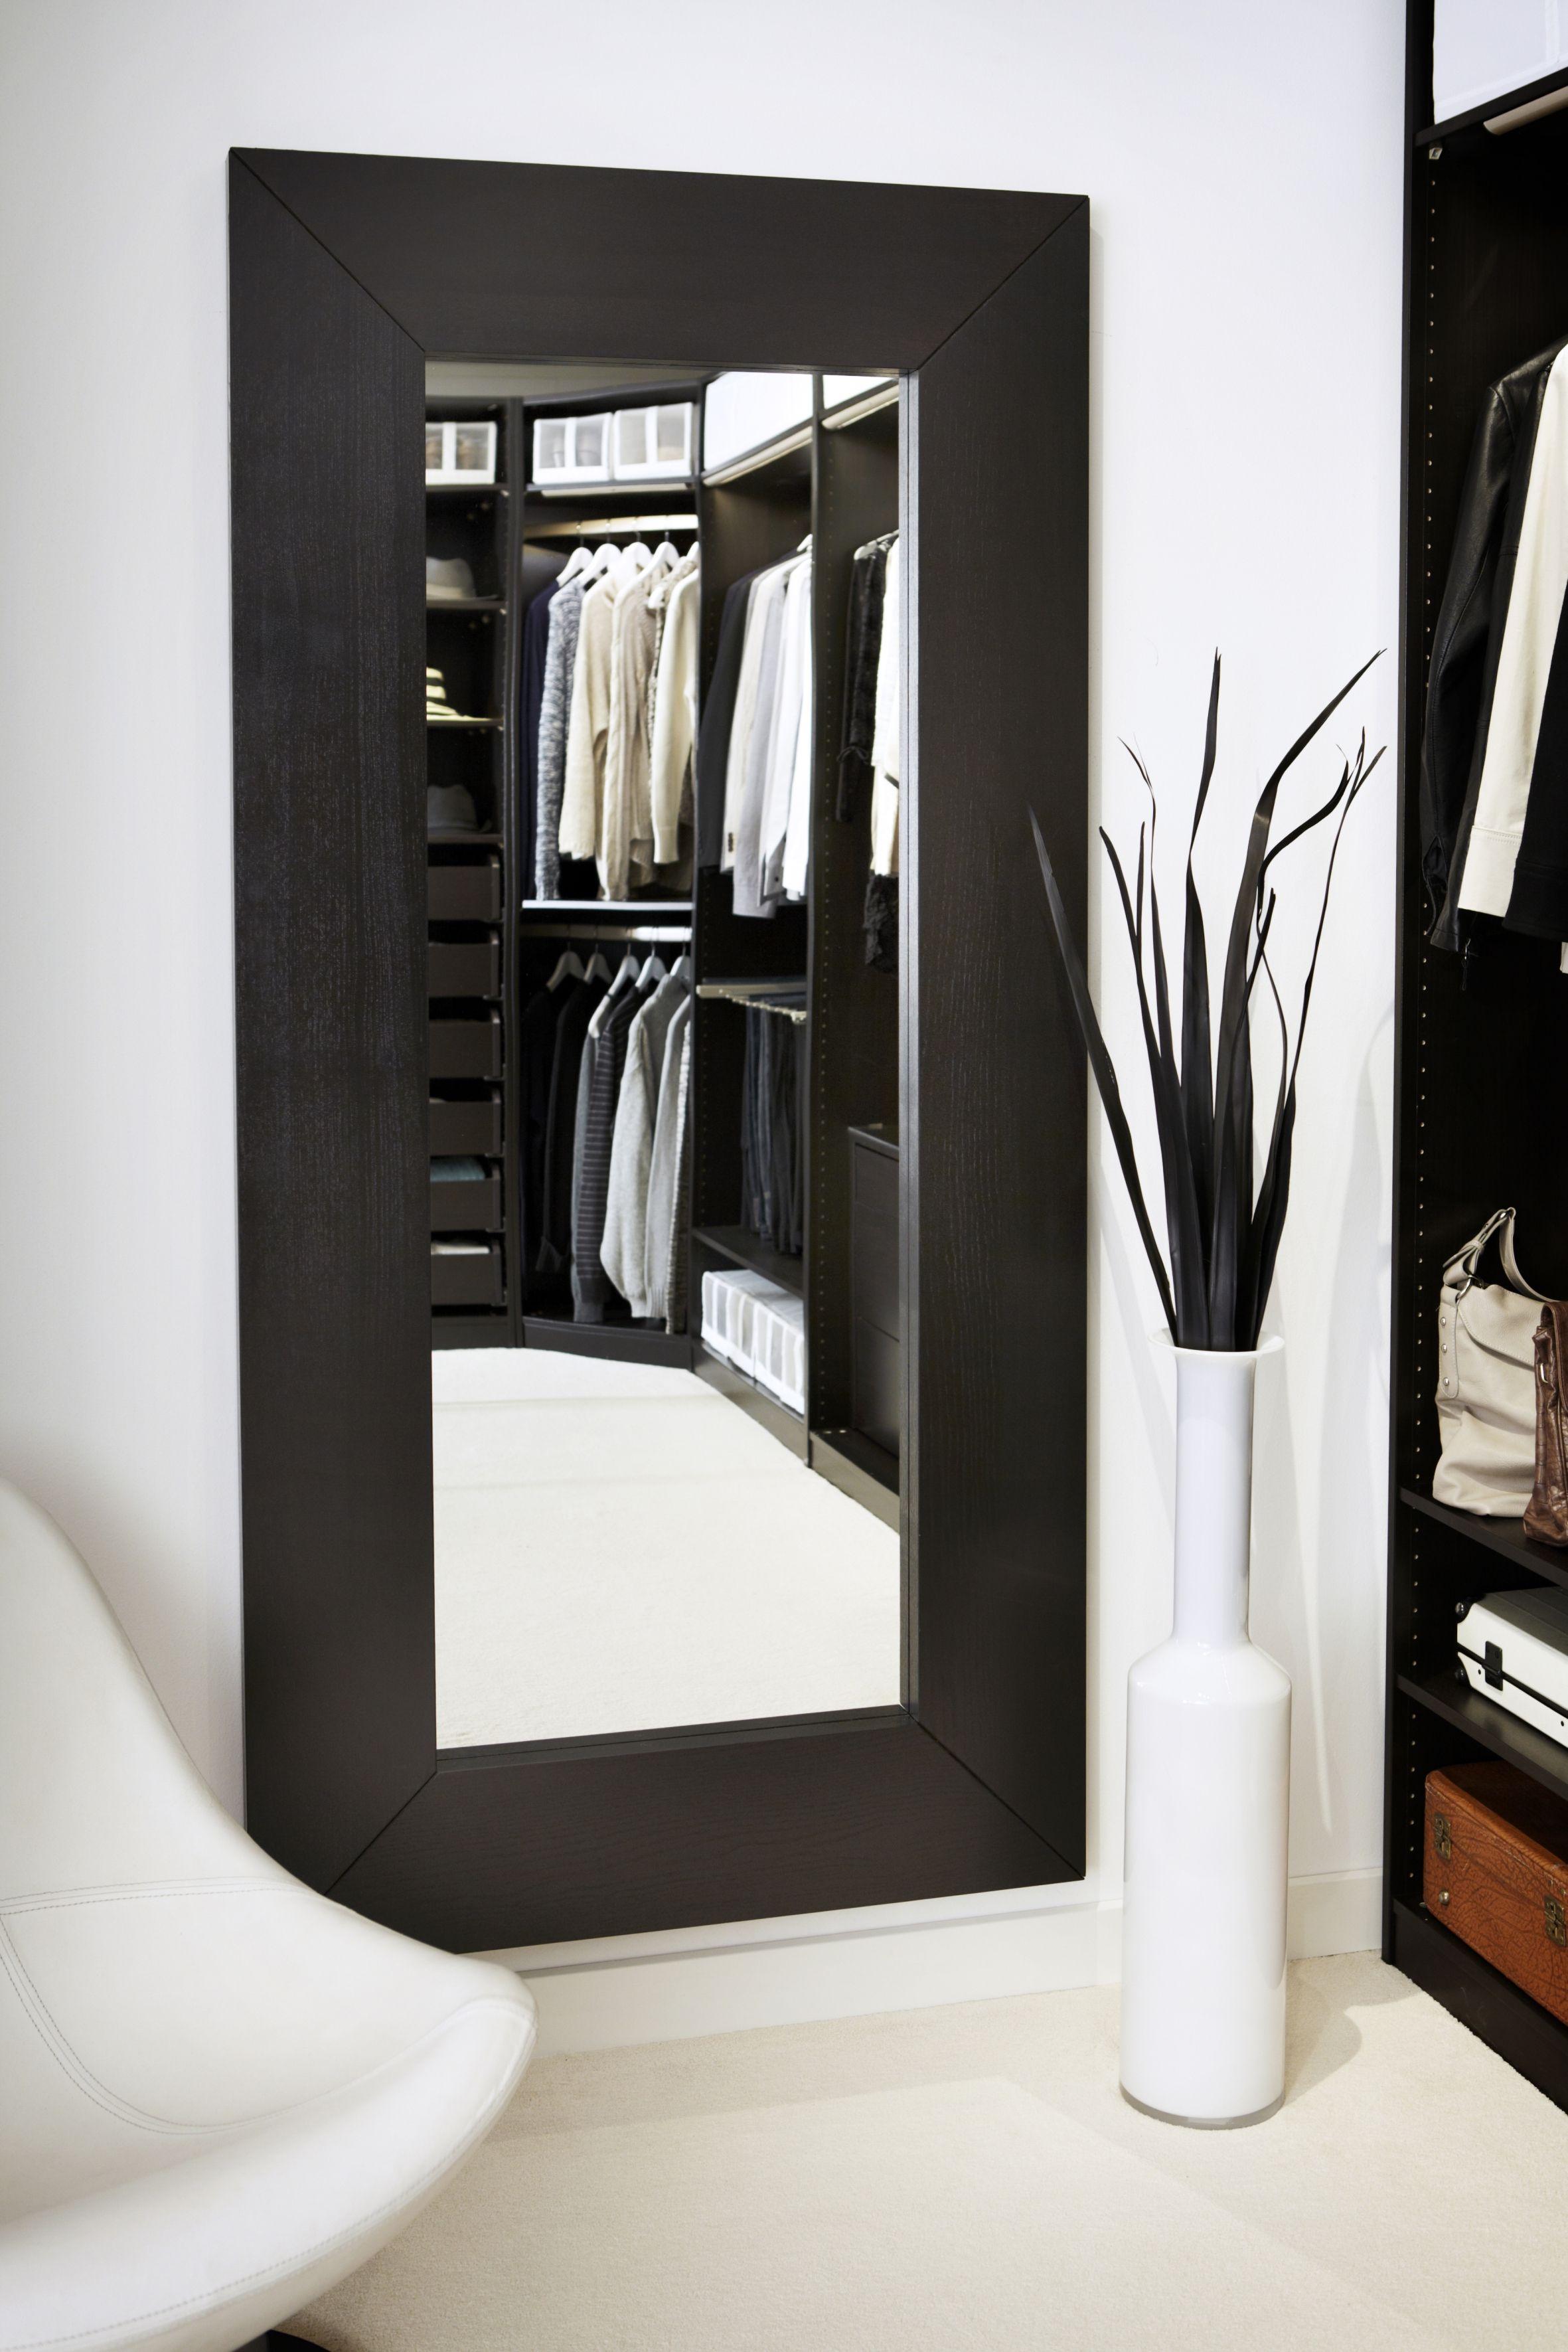 Mongstad Spiegel Ikea Mirrorsbedroom